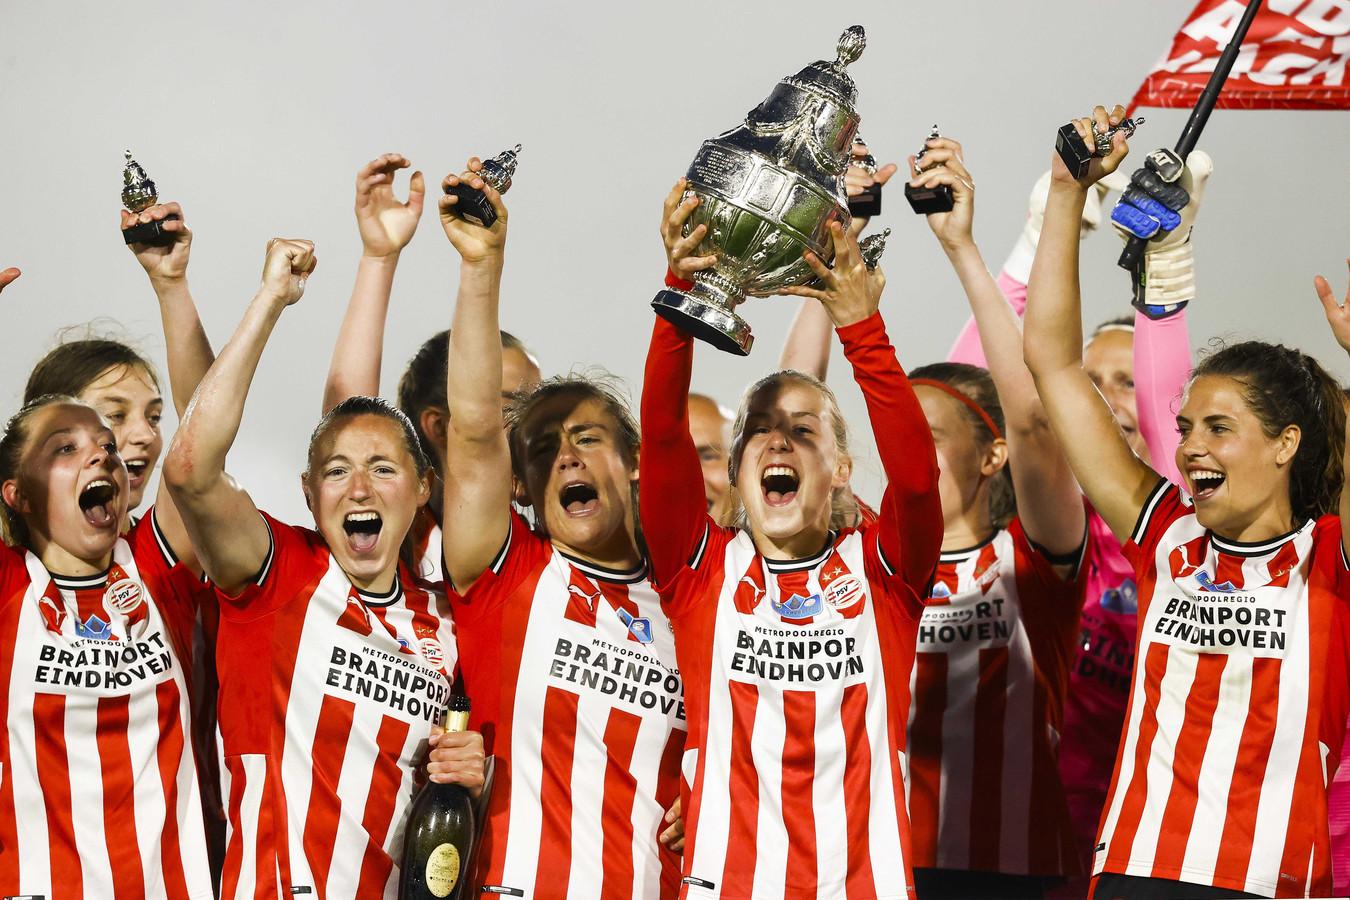 De speelsters van PSV juichen na het winnen van de TOTO KNVB Bekerfinale.